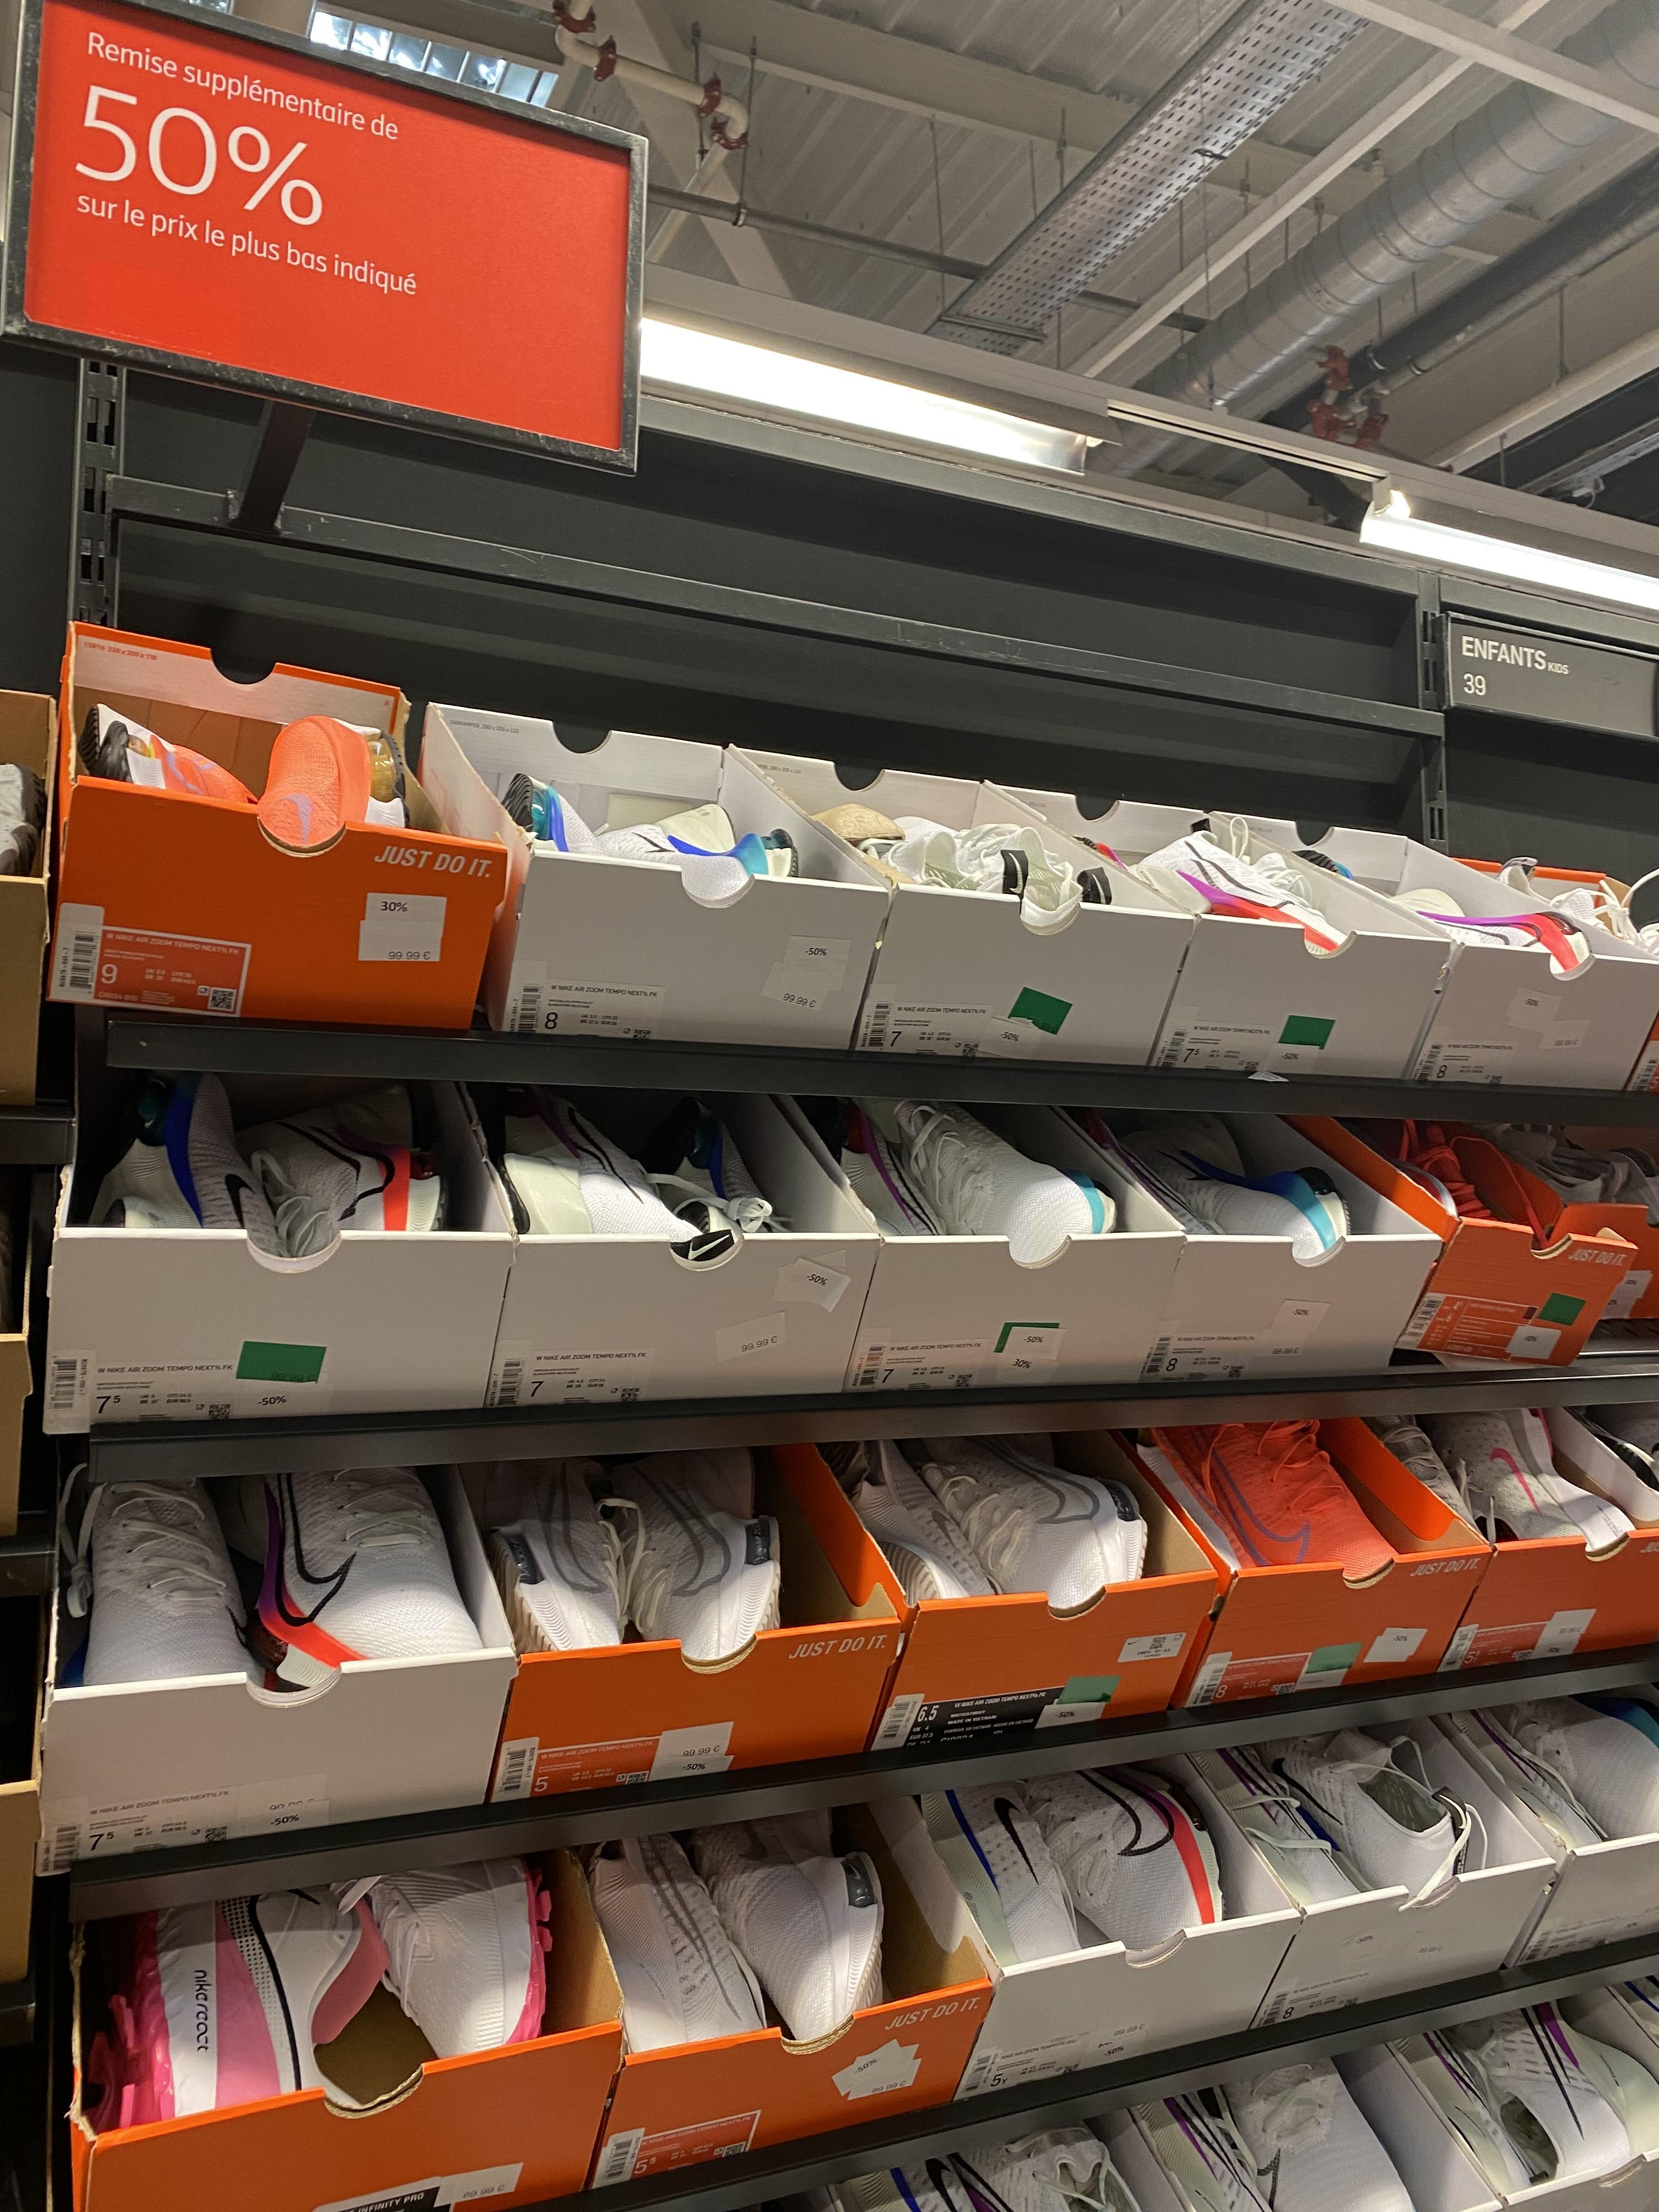 Paire de chaussures de running Nike Air Zoom Tempo NEXT% (Divers coloris & tailles) - Calais (62)